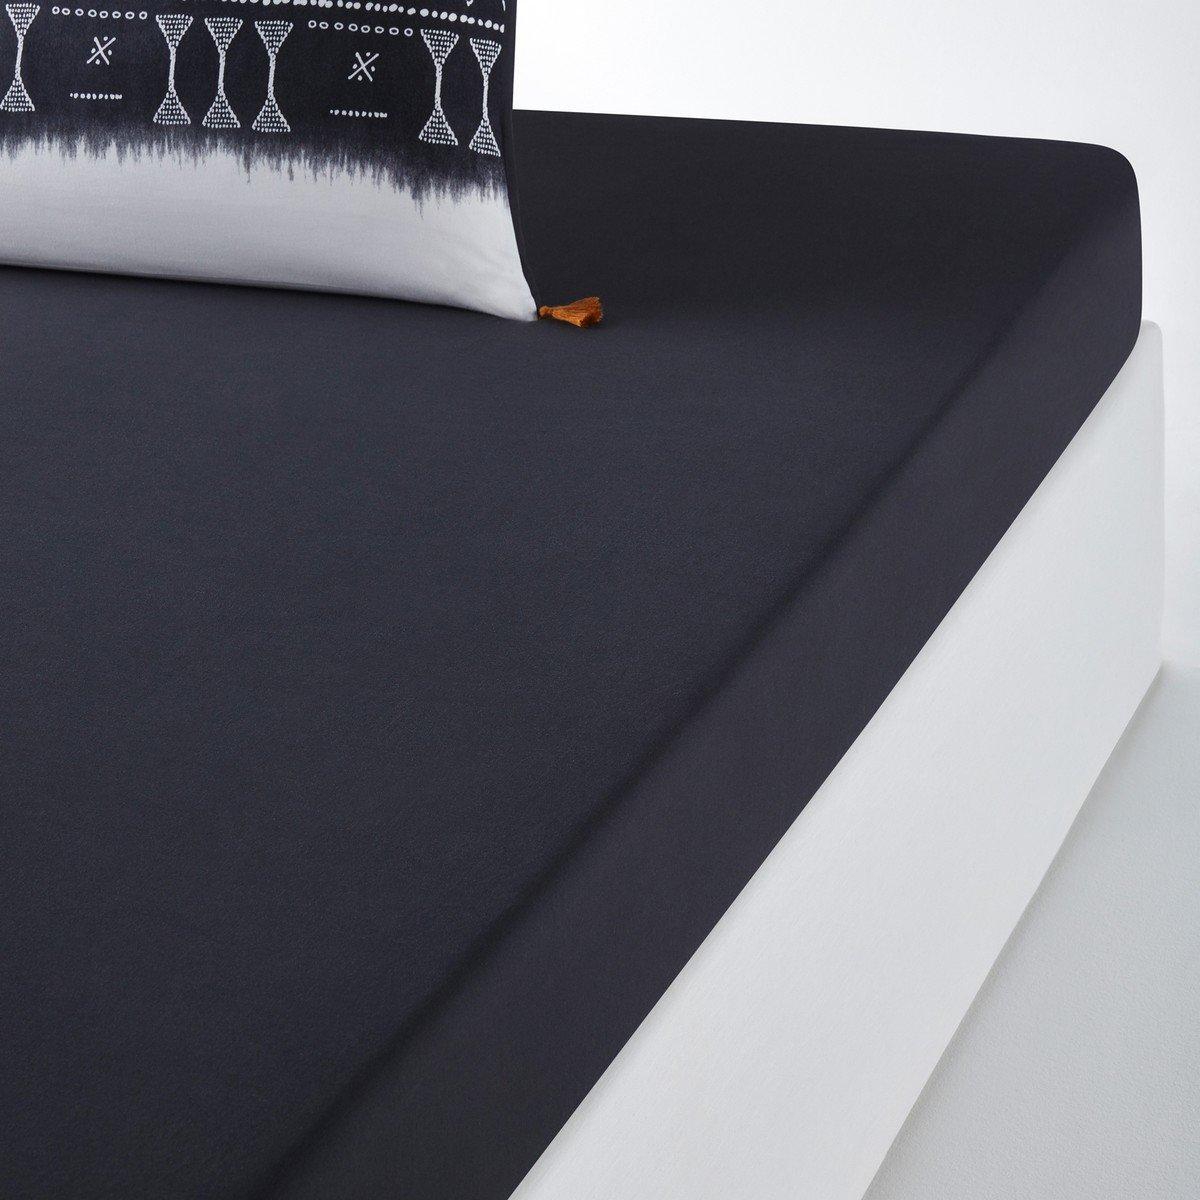 Простыня La Redoute Натяжная из осветленного хлопка YORUBA 180 x 200 см серый